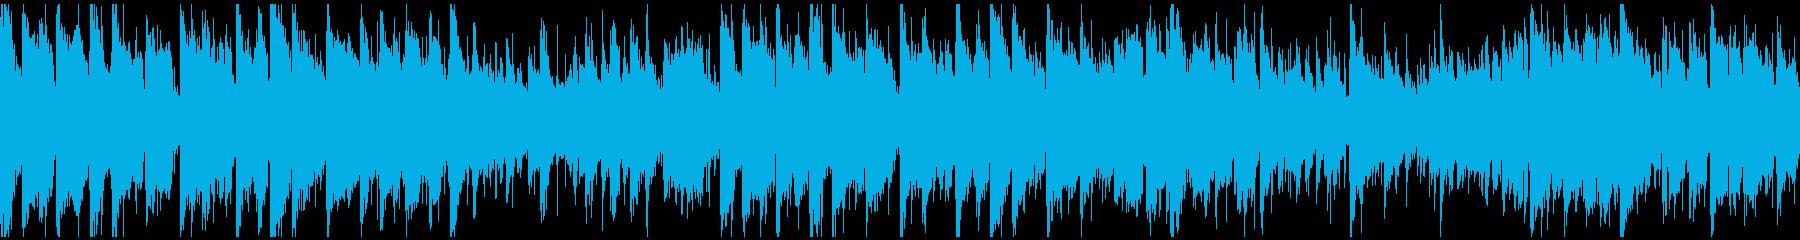 ドラムンベース×生音系ジャズ ※ループ版の再生済みの波形